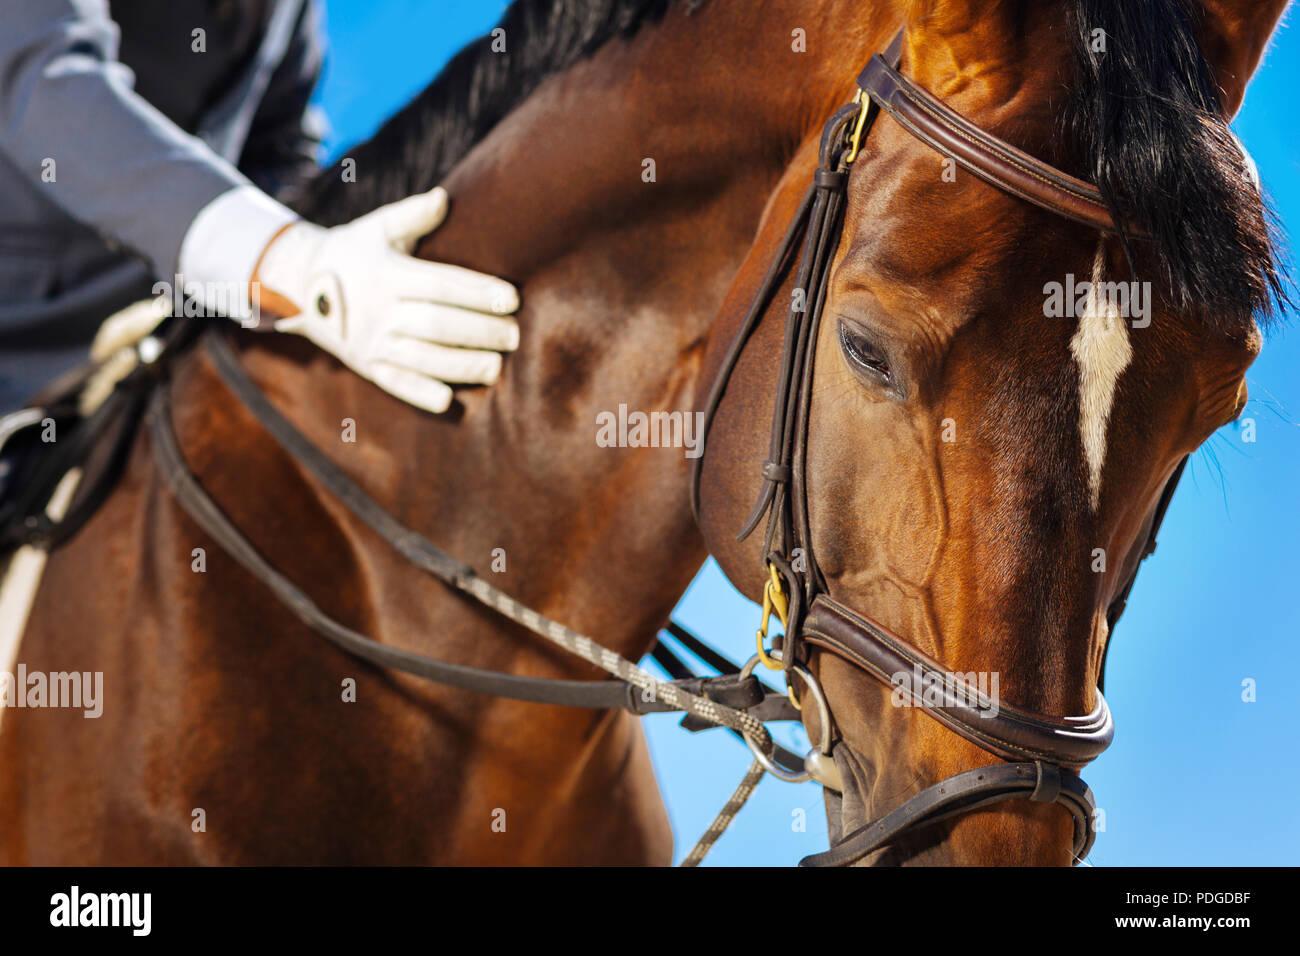 Corsa di cavalli con punto di colore bianco sul suo capo remissivamente permanente Immagini Stock